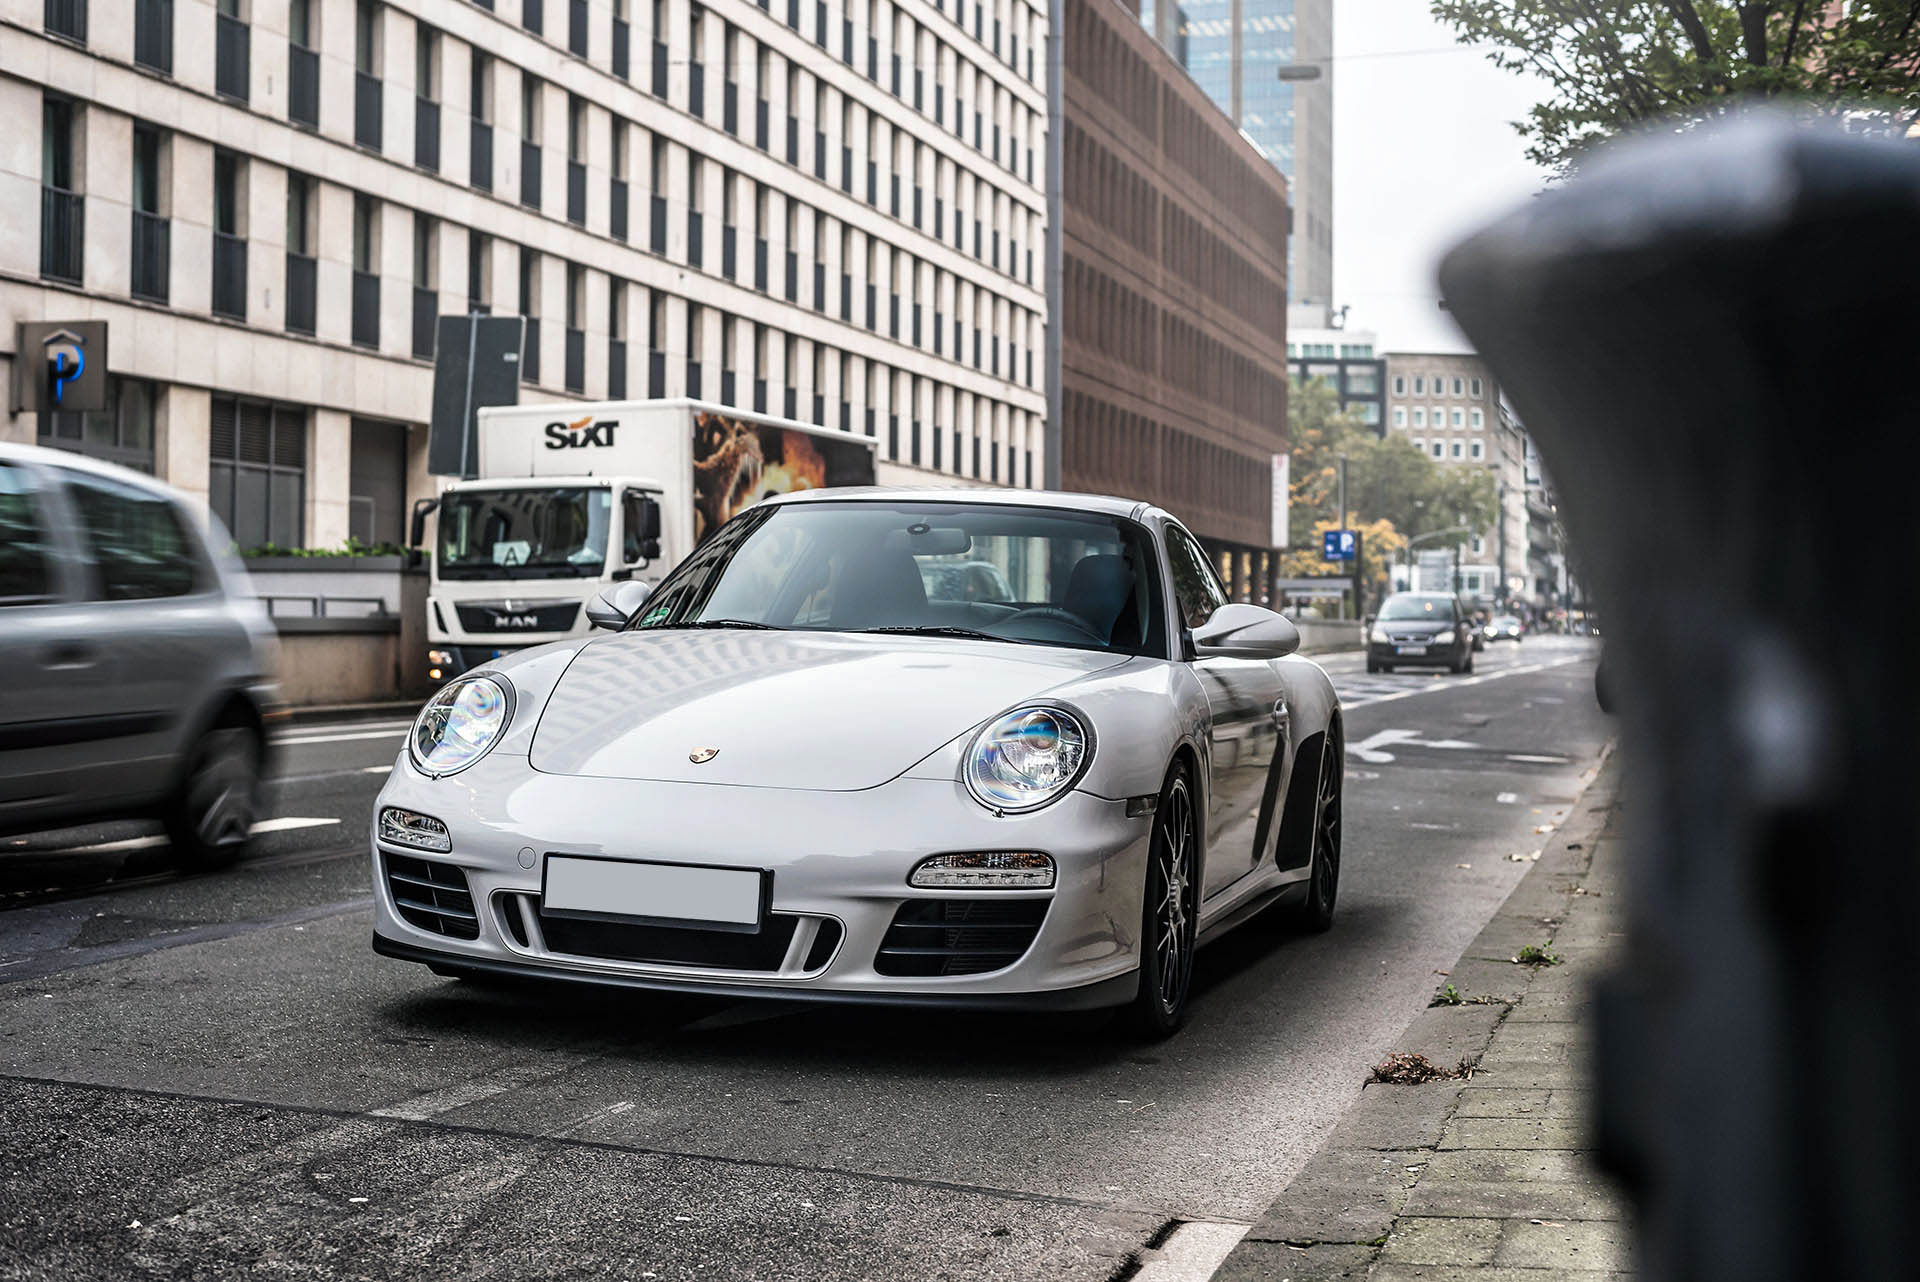 B&K_Sportwagen_Rheinland_GmbH_Porsche_997_4GTS_grau_2